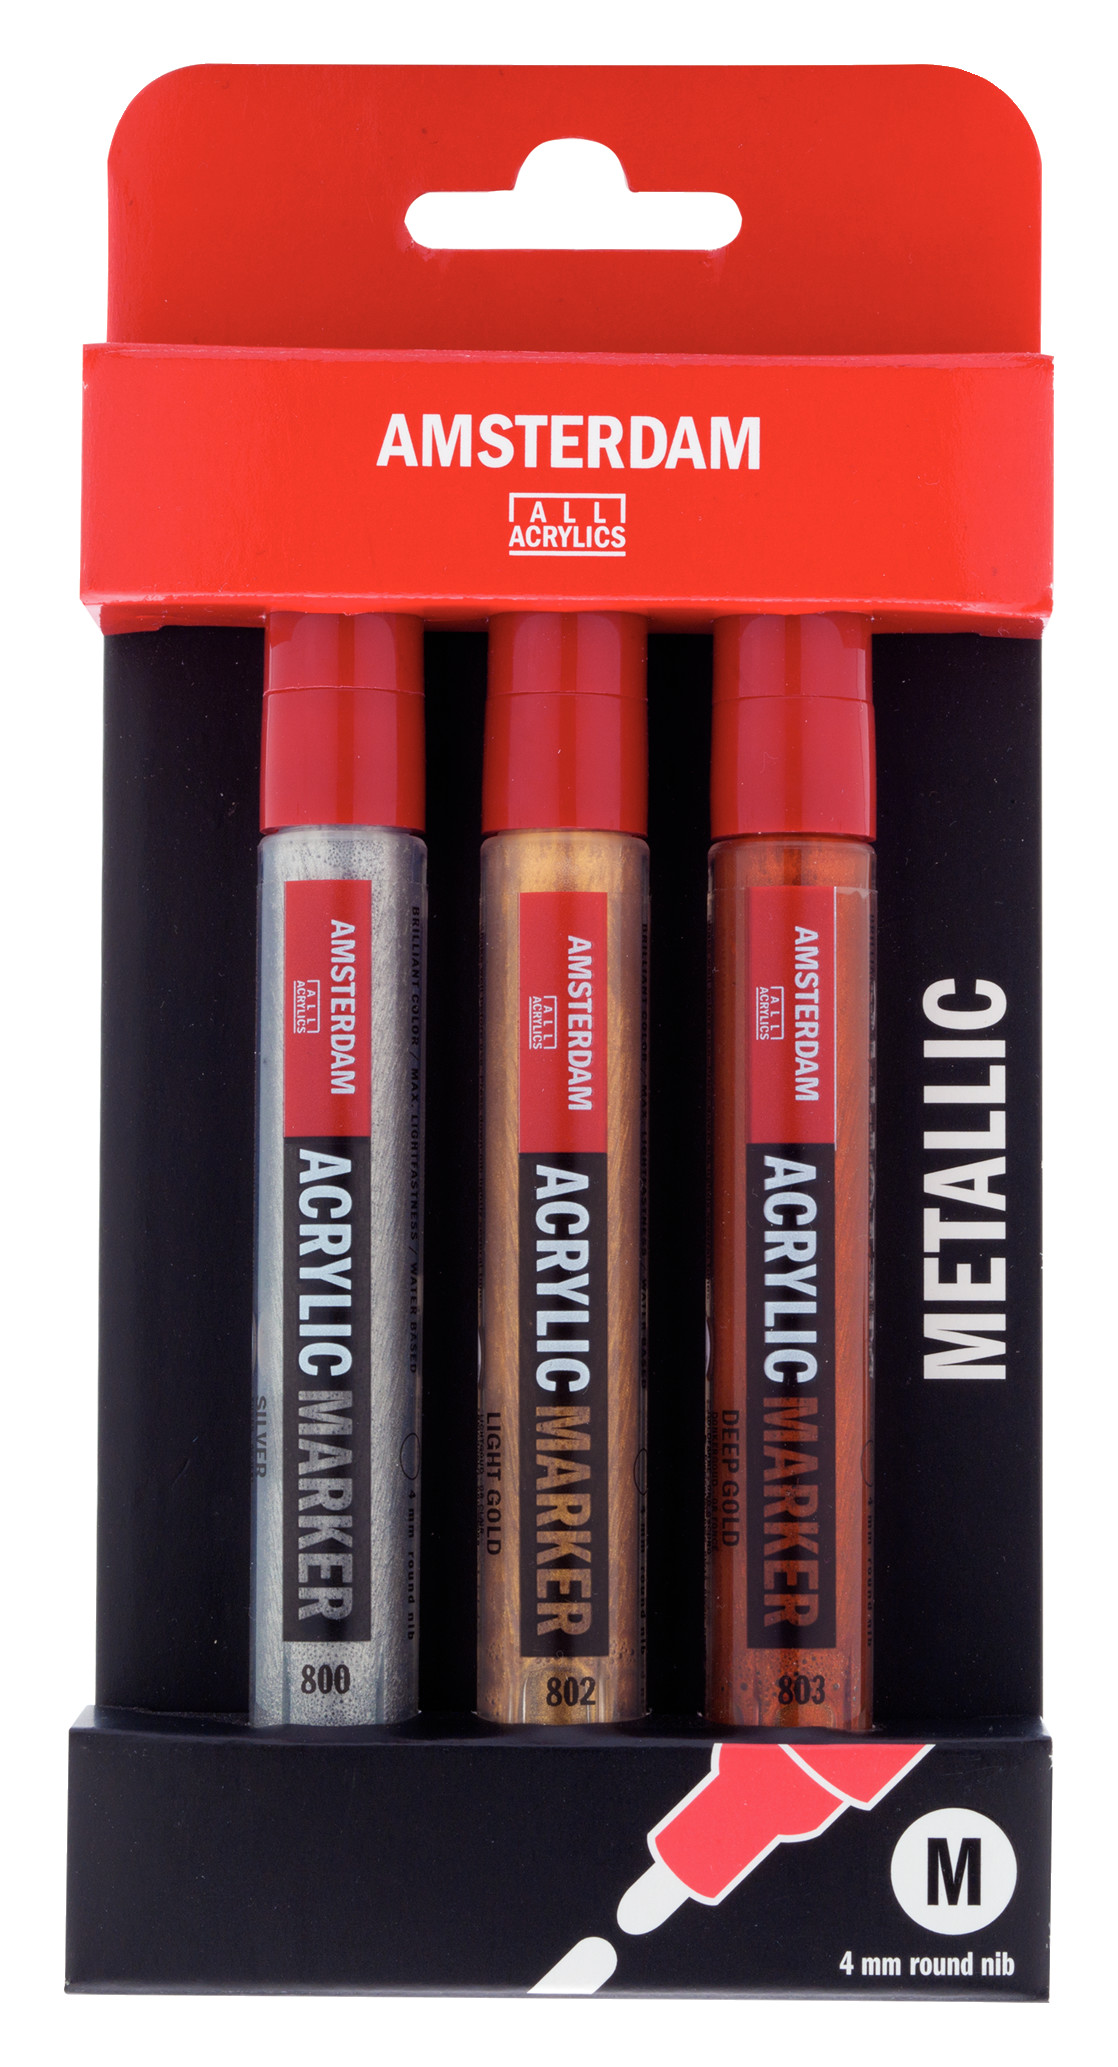 Amsterdam Acrylic Markers Metallic Set - 3 x Medium - 4 mm Nib